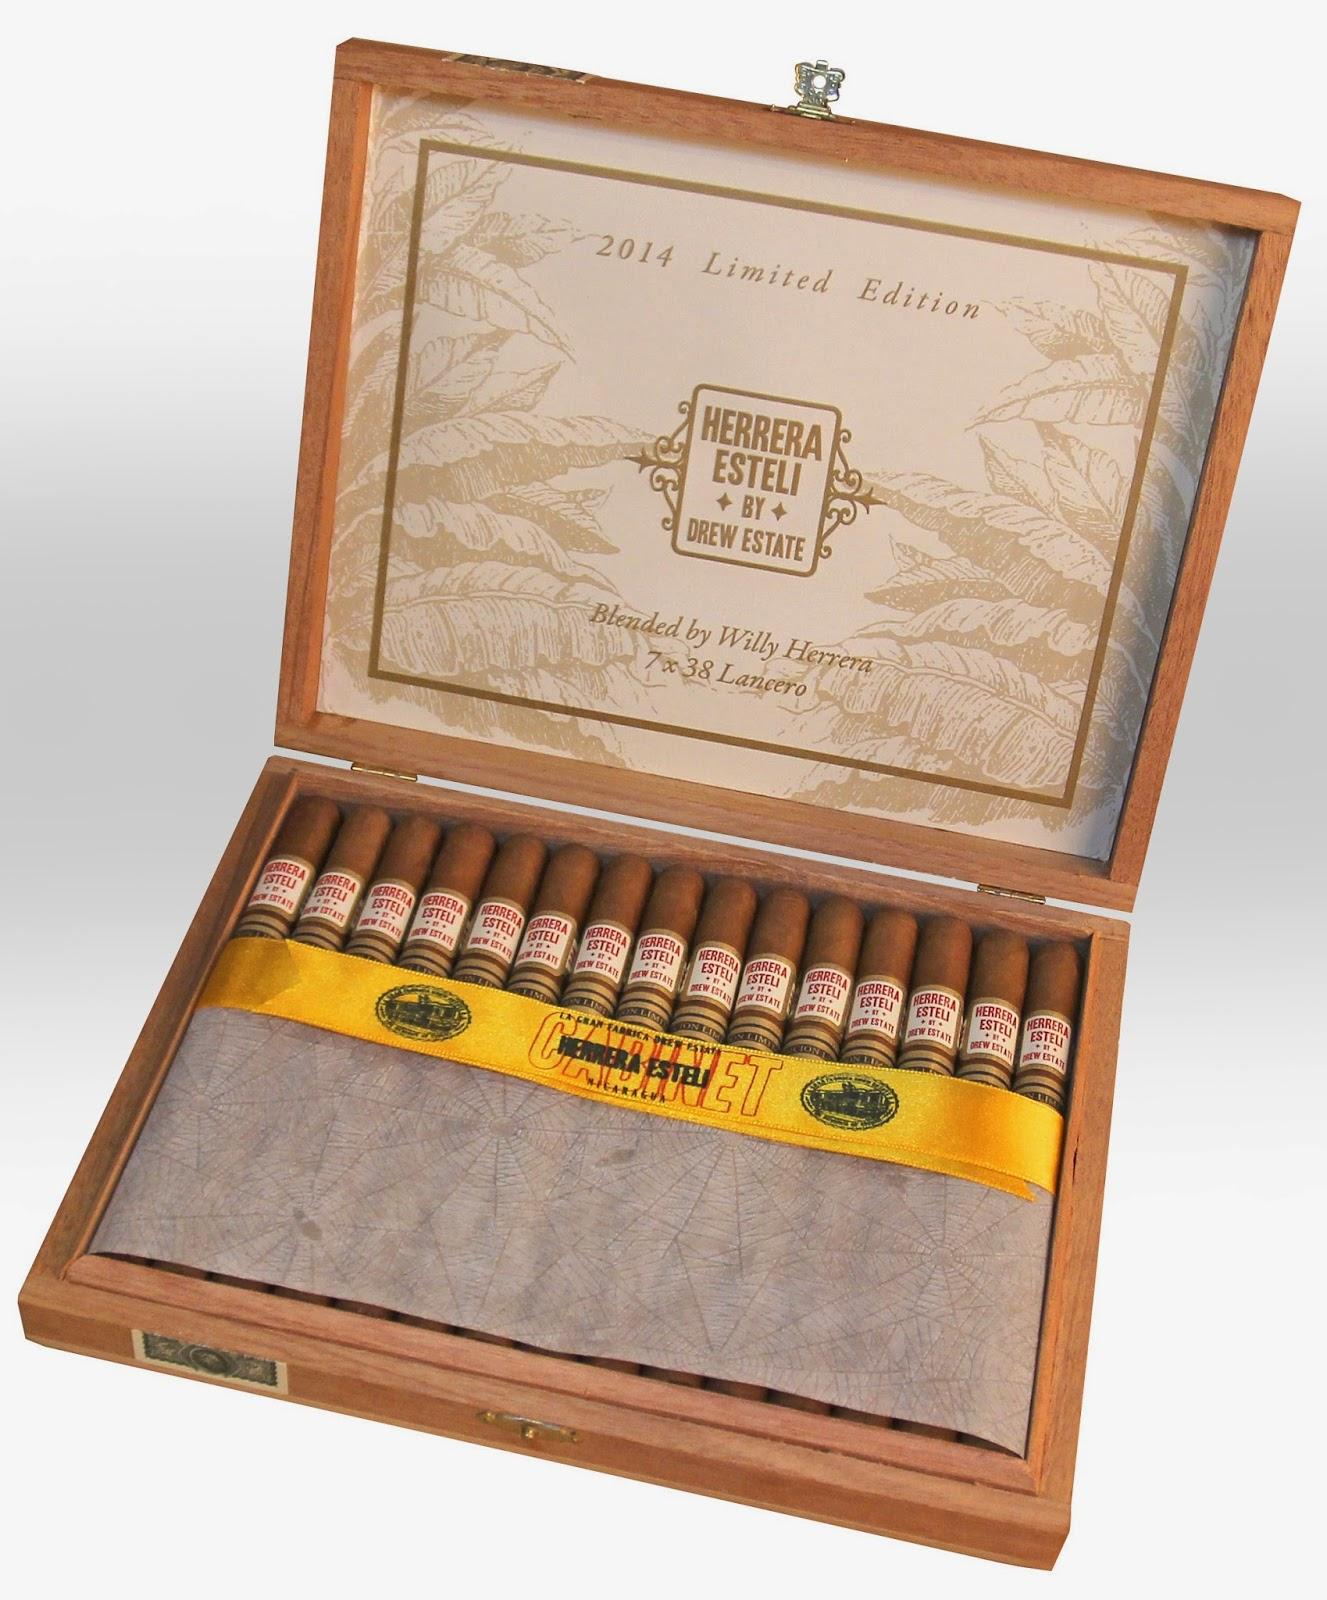 Cigar News: Herrera Esteli Lancero – Edicion Limitada 2014 Nears Shipping (Cigar Preview)